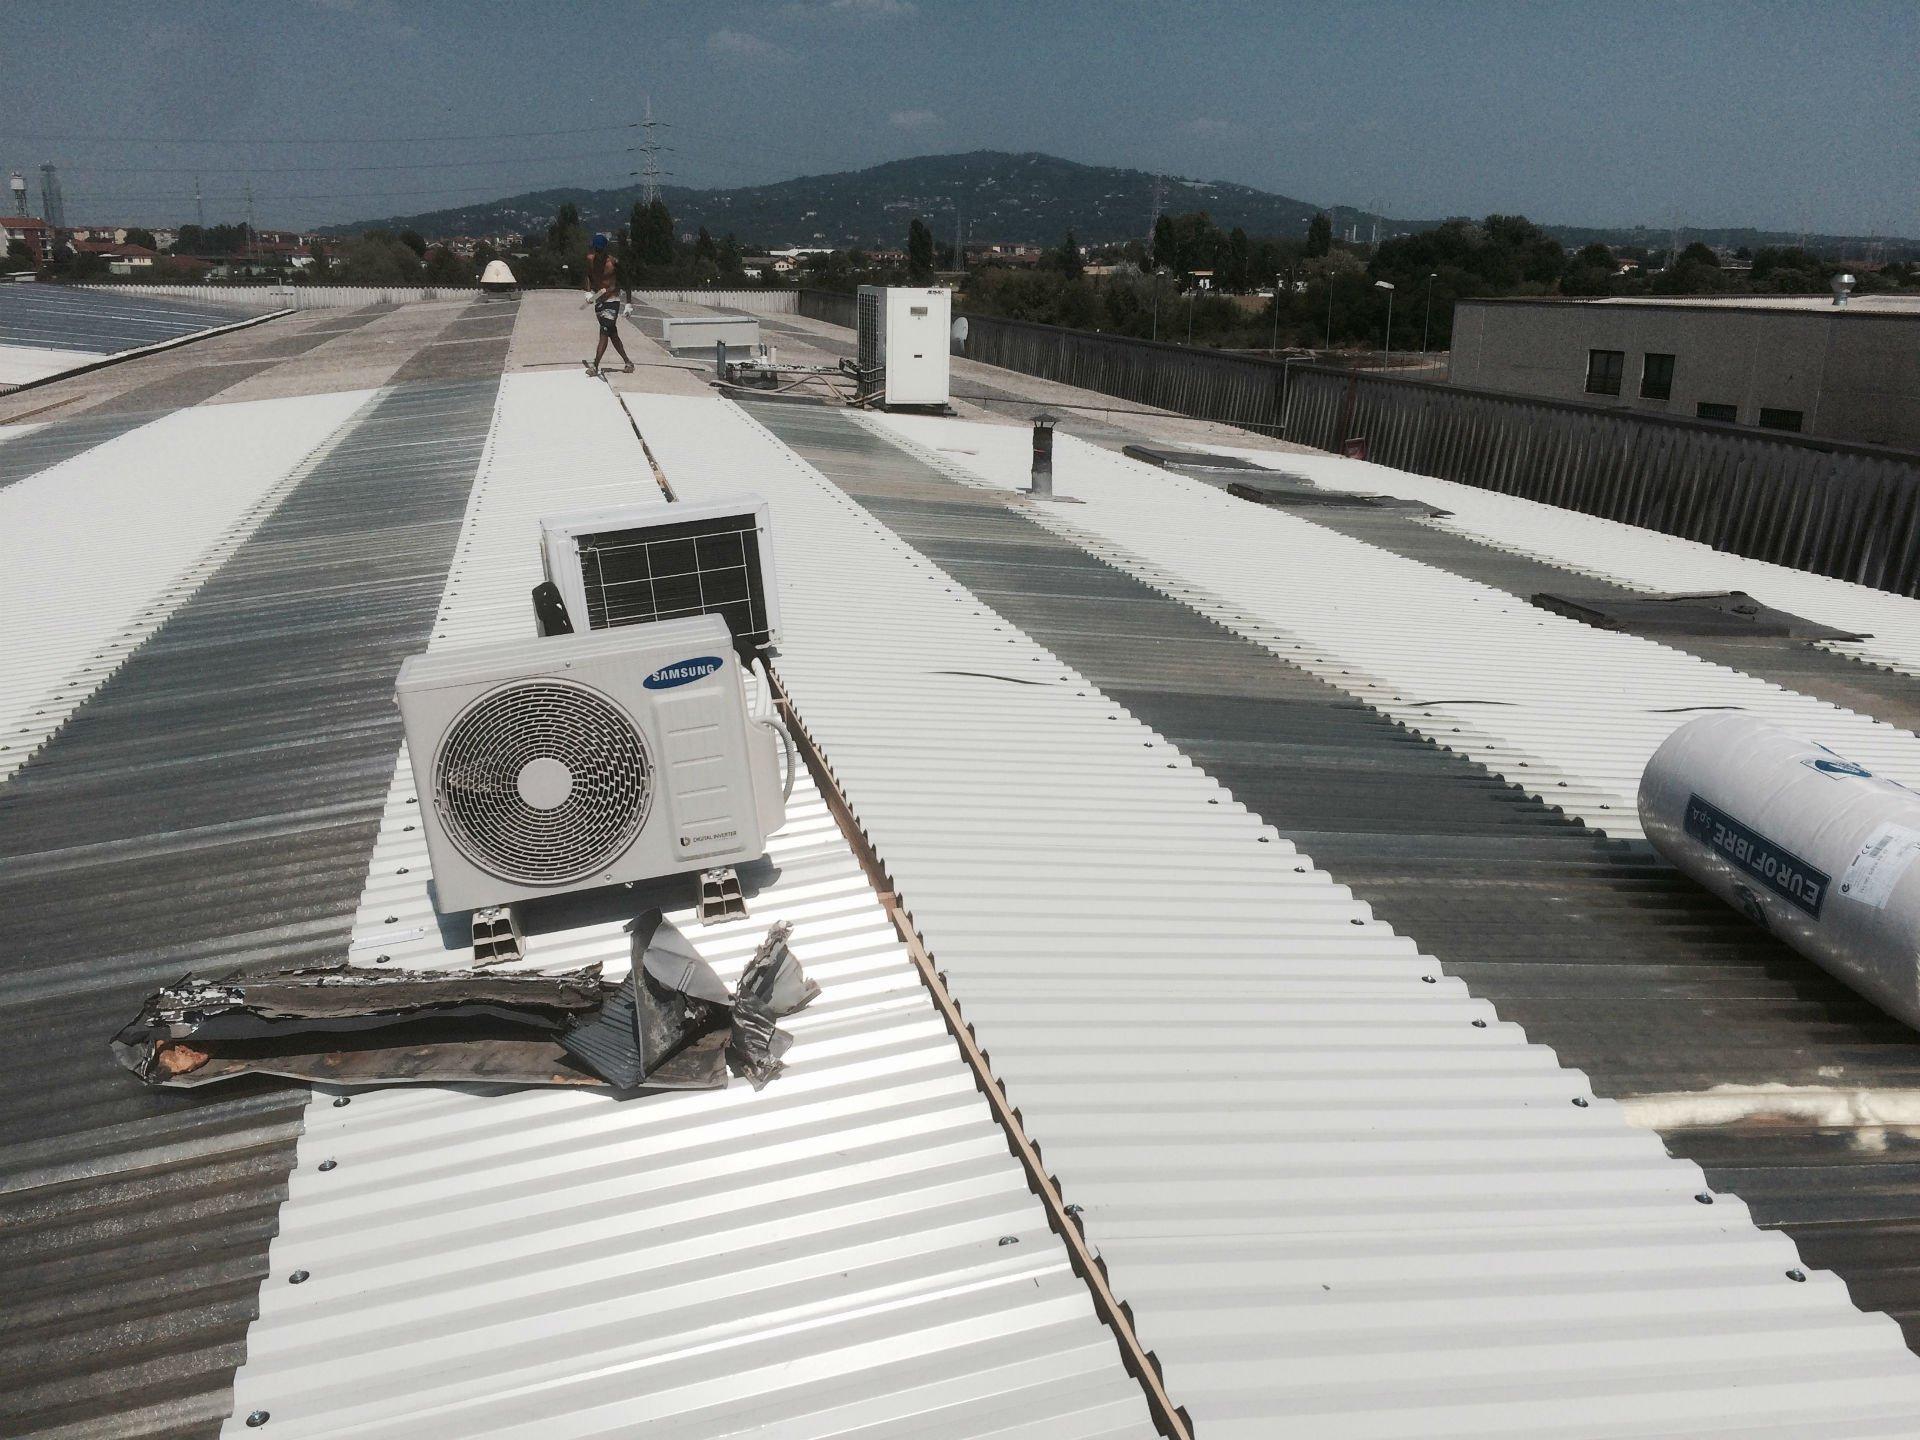 dei motori dell'aria condizionata su un ampio tetto